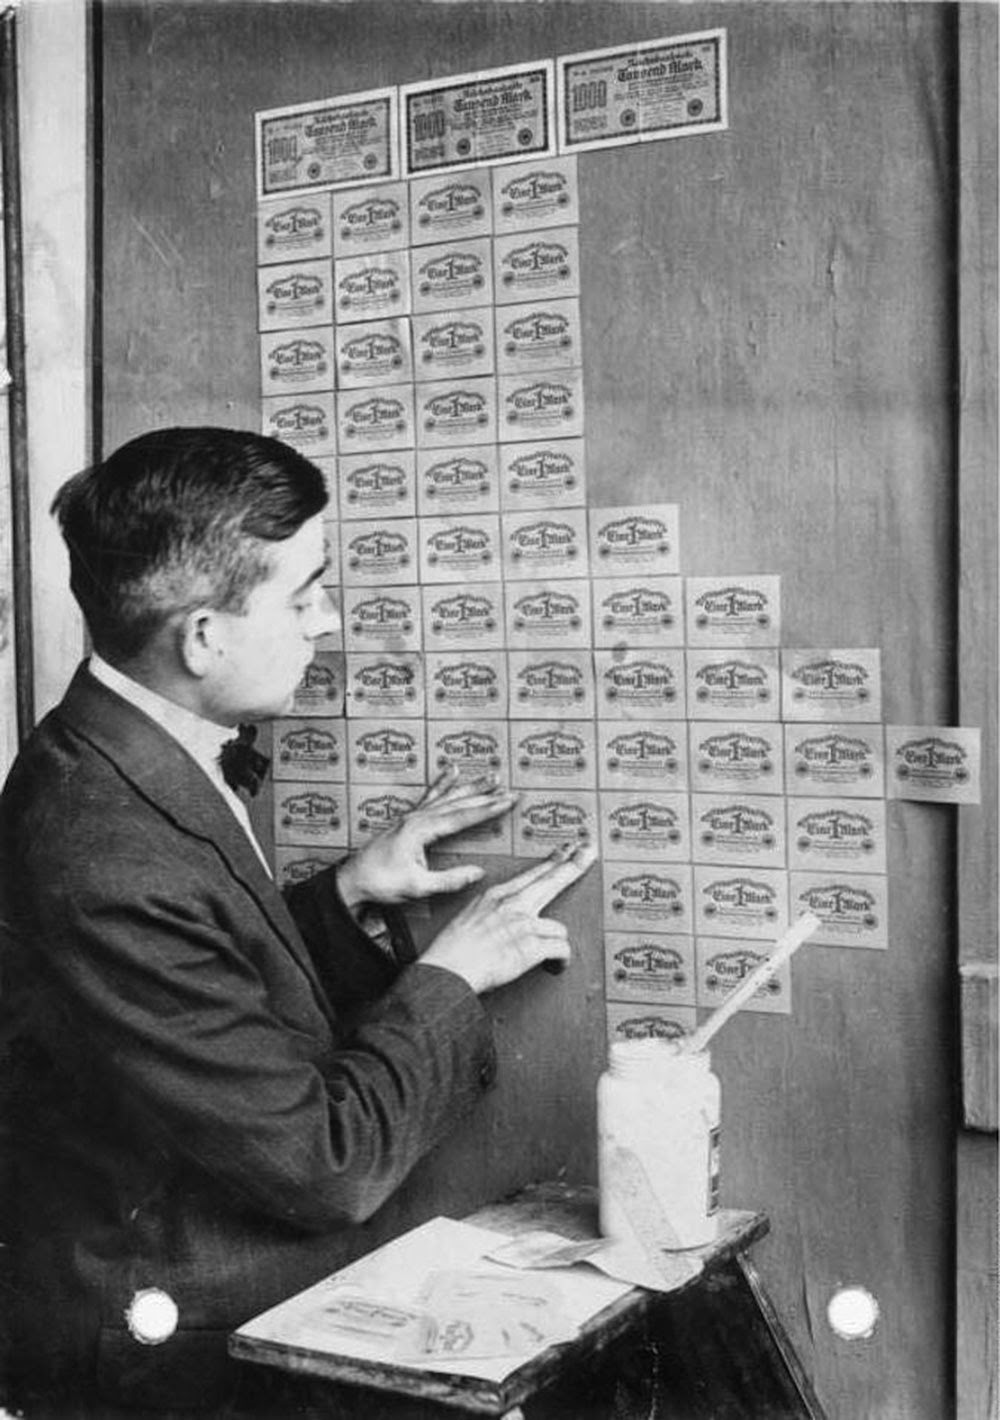 Alemania, 1923: los billetes habían perdido tanto valor que se usaban como papel tapiz.